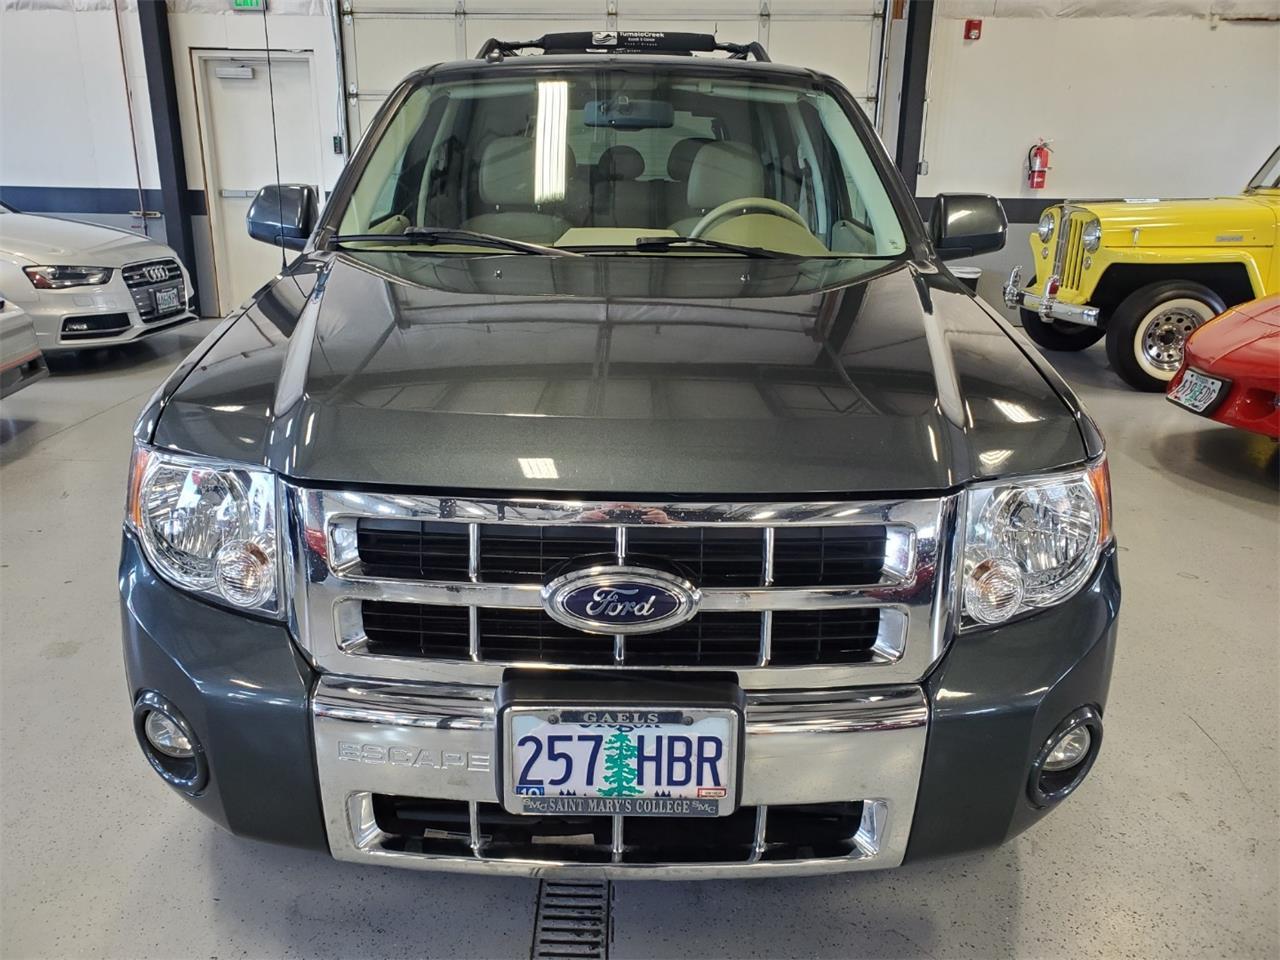 2008 Ford Escape (CC-1421688) for sale in Bend, Oregon